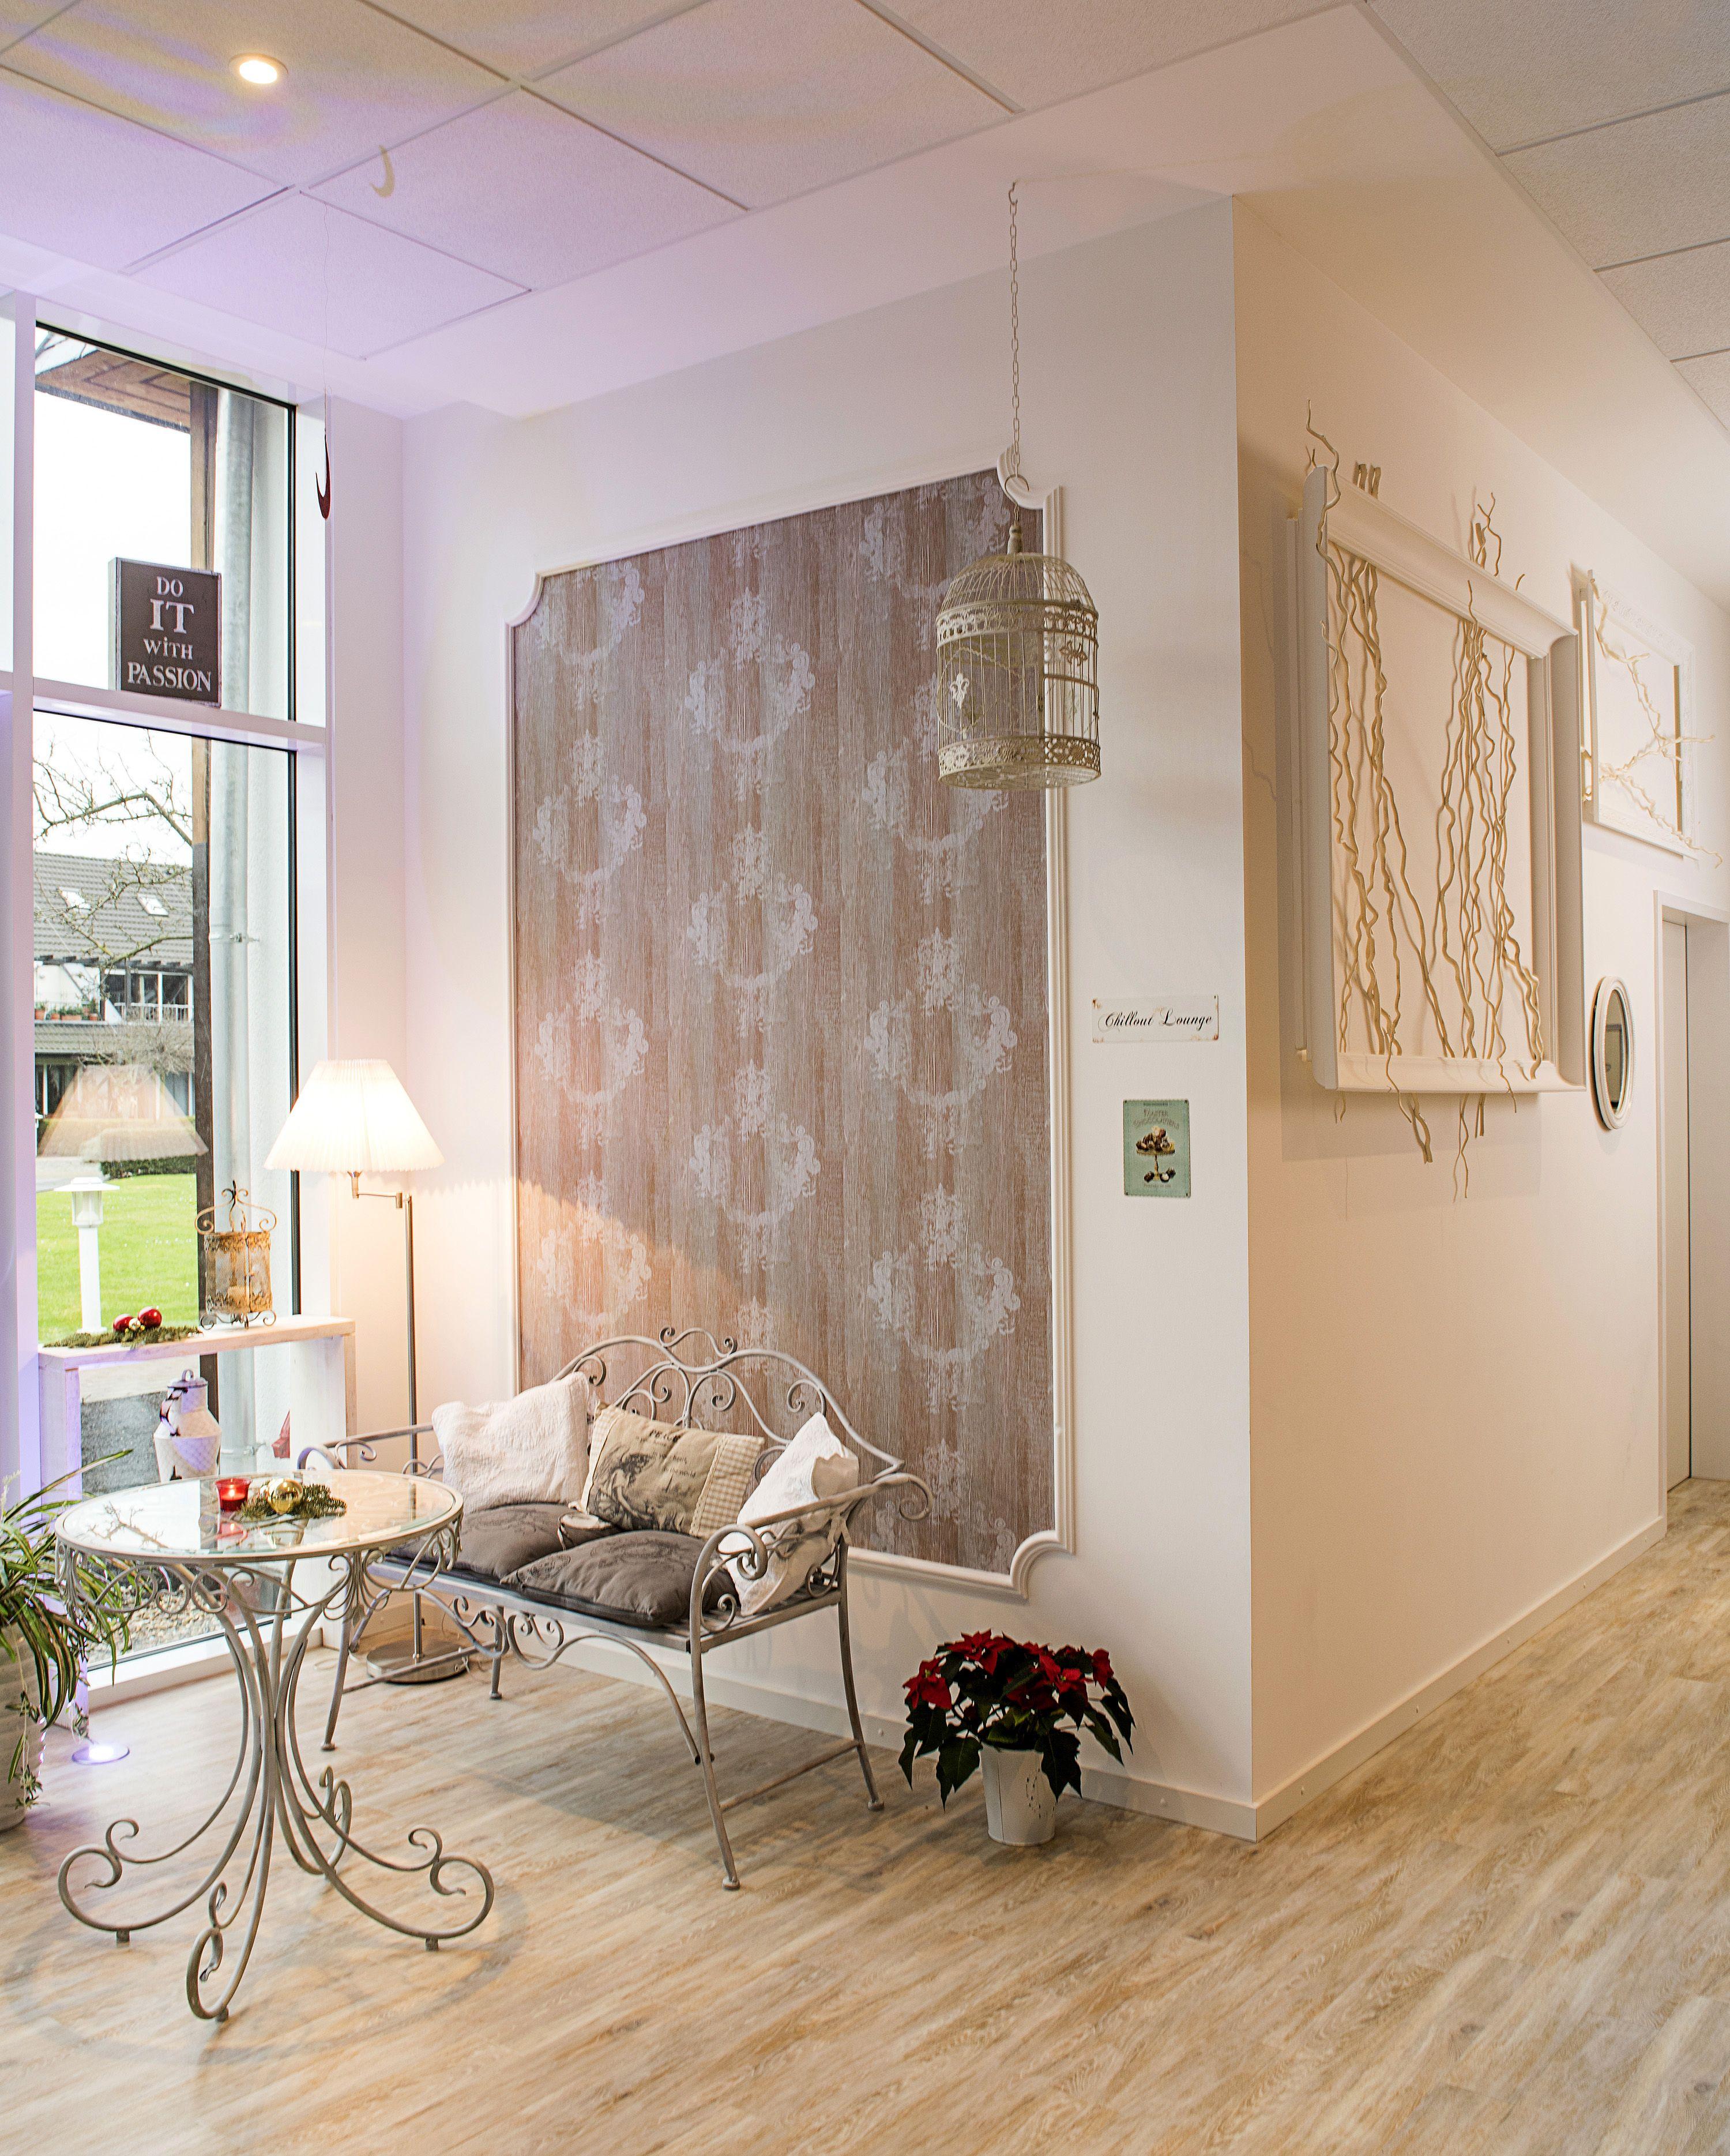 Wand- und Raumgestaltung mit Tapeten und NMC Profilen. Gesamtkonzept ...